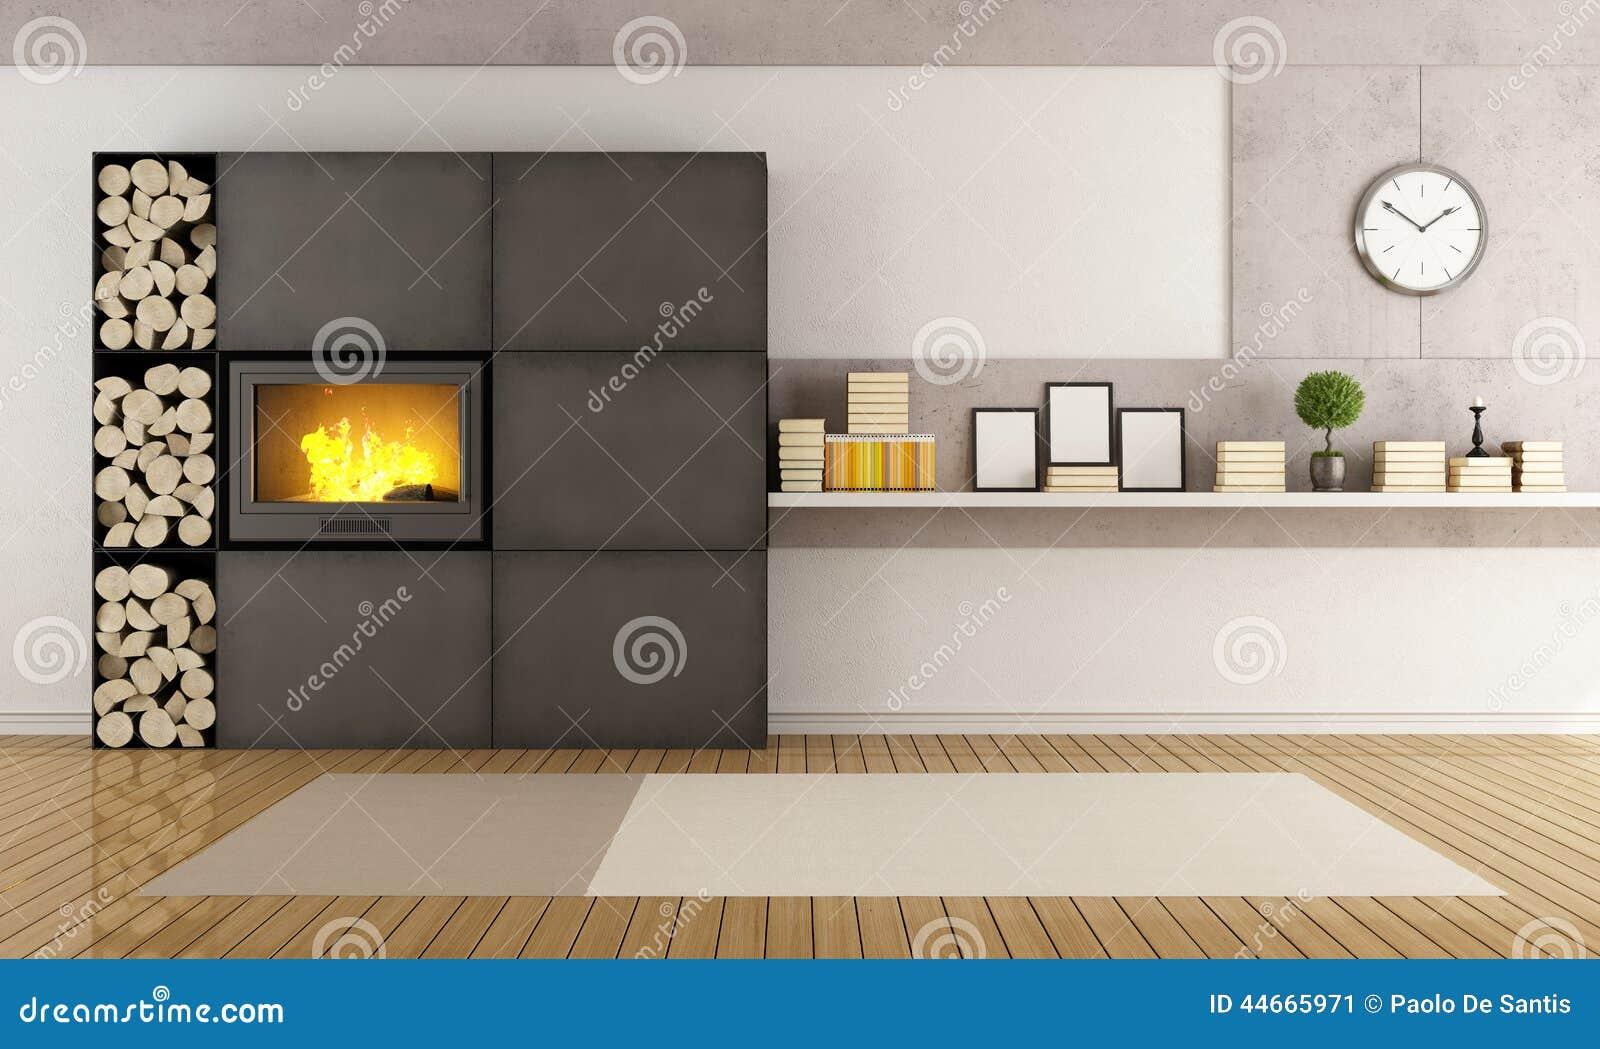 Woonkamer met moderne open haard stock illustratie illustratie